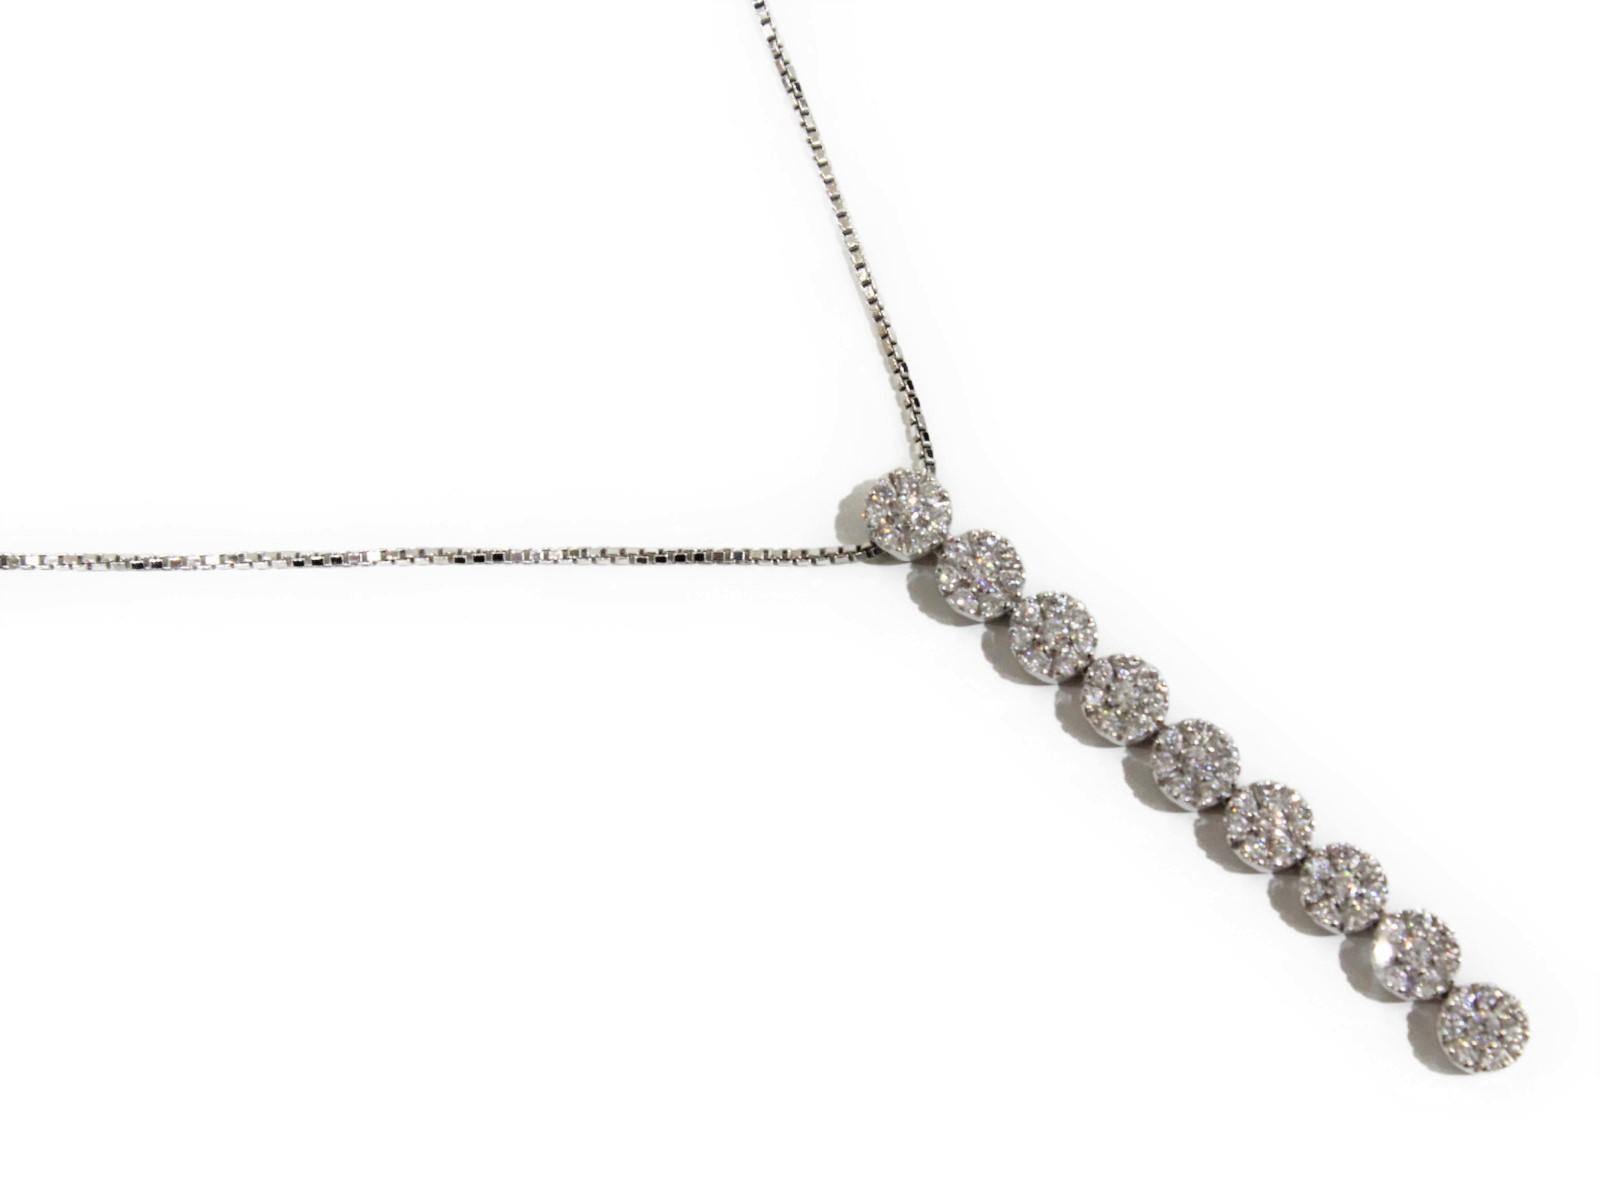 【箱・保証書あり】DAMIANI ダミアーニ ダイヤモンド ネックレス ペンダント K18 WG 750 刻印あり 約51cm 上品 ゴージャス 高級 プレゼント レディース【中古】